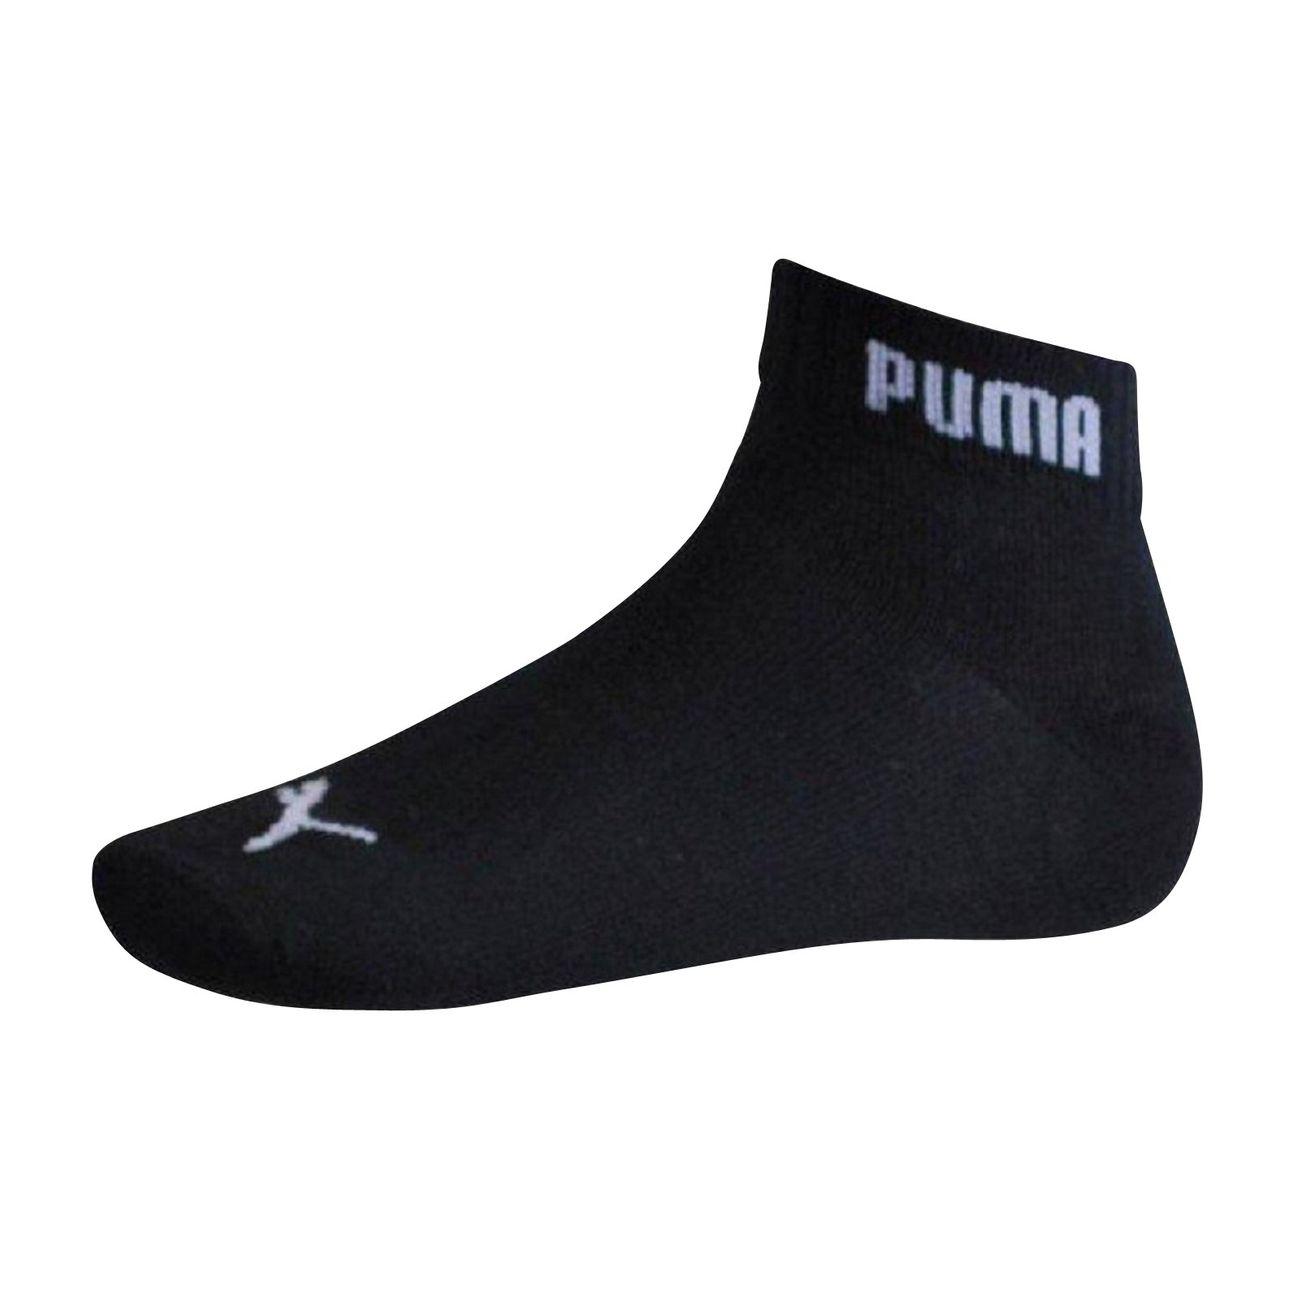 Chaussettes Quarter 200 201104001 Multisport Homme Puma xsQrdhtC